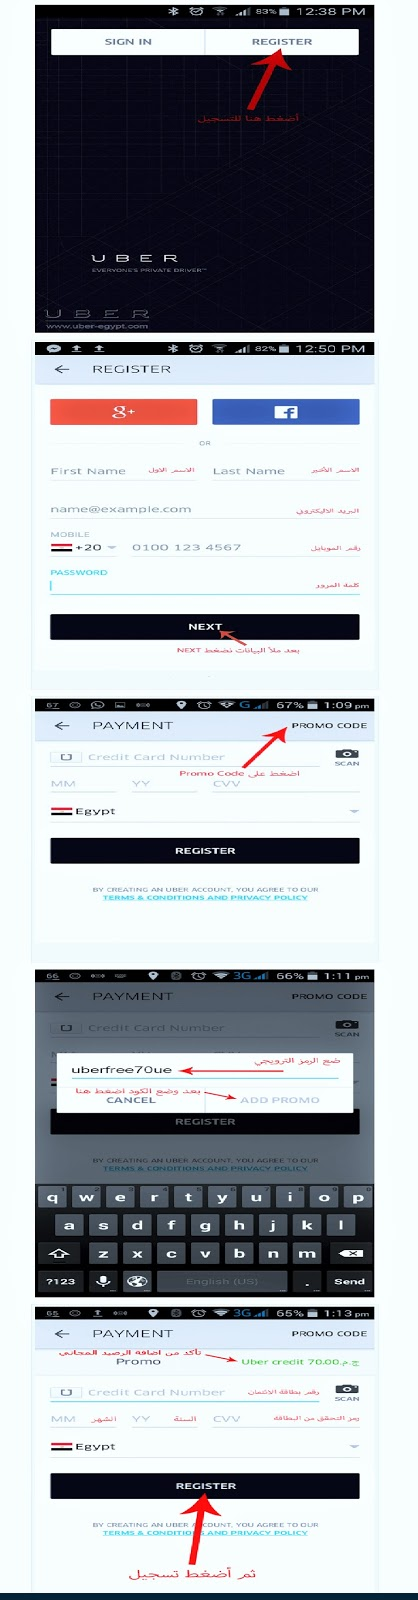 تحميل وشرح استخدام تطبيق اوبر مع 70 جنية رصيد مجانا